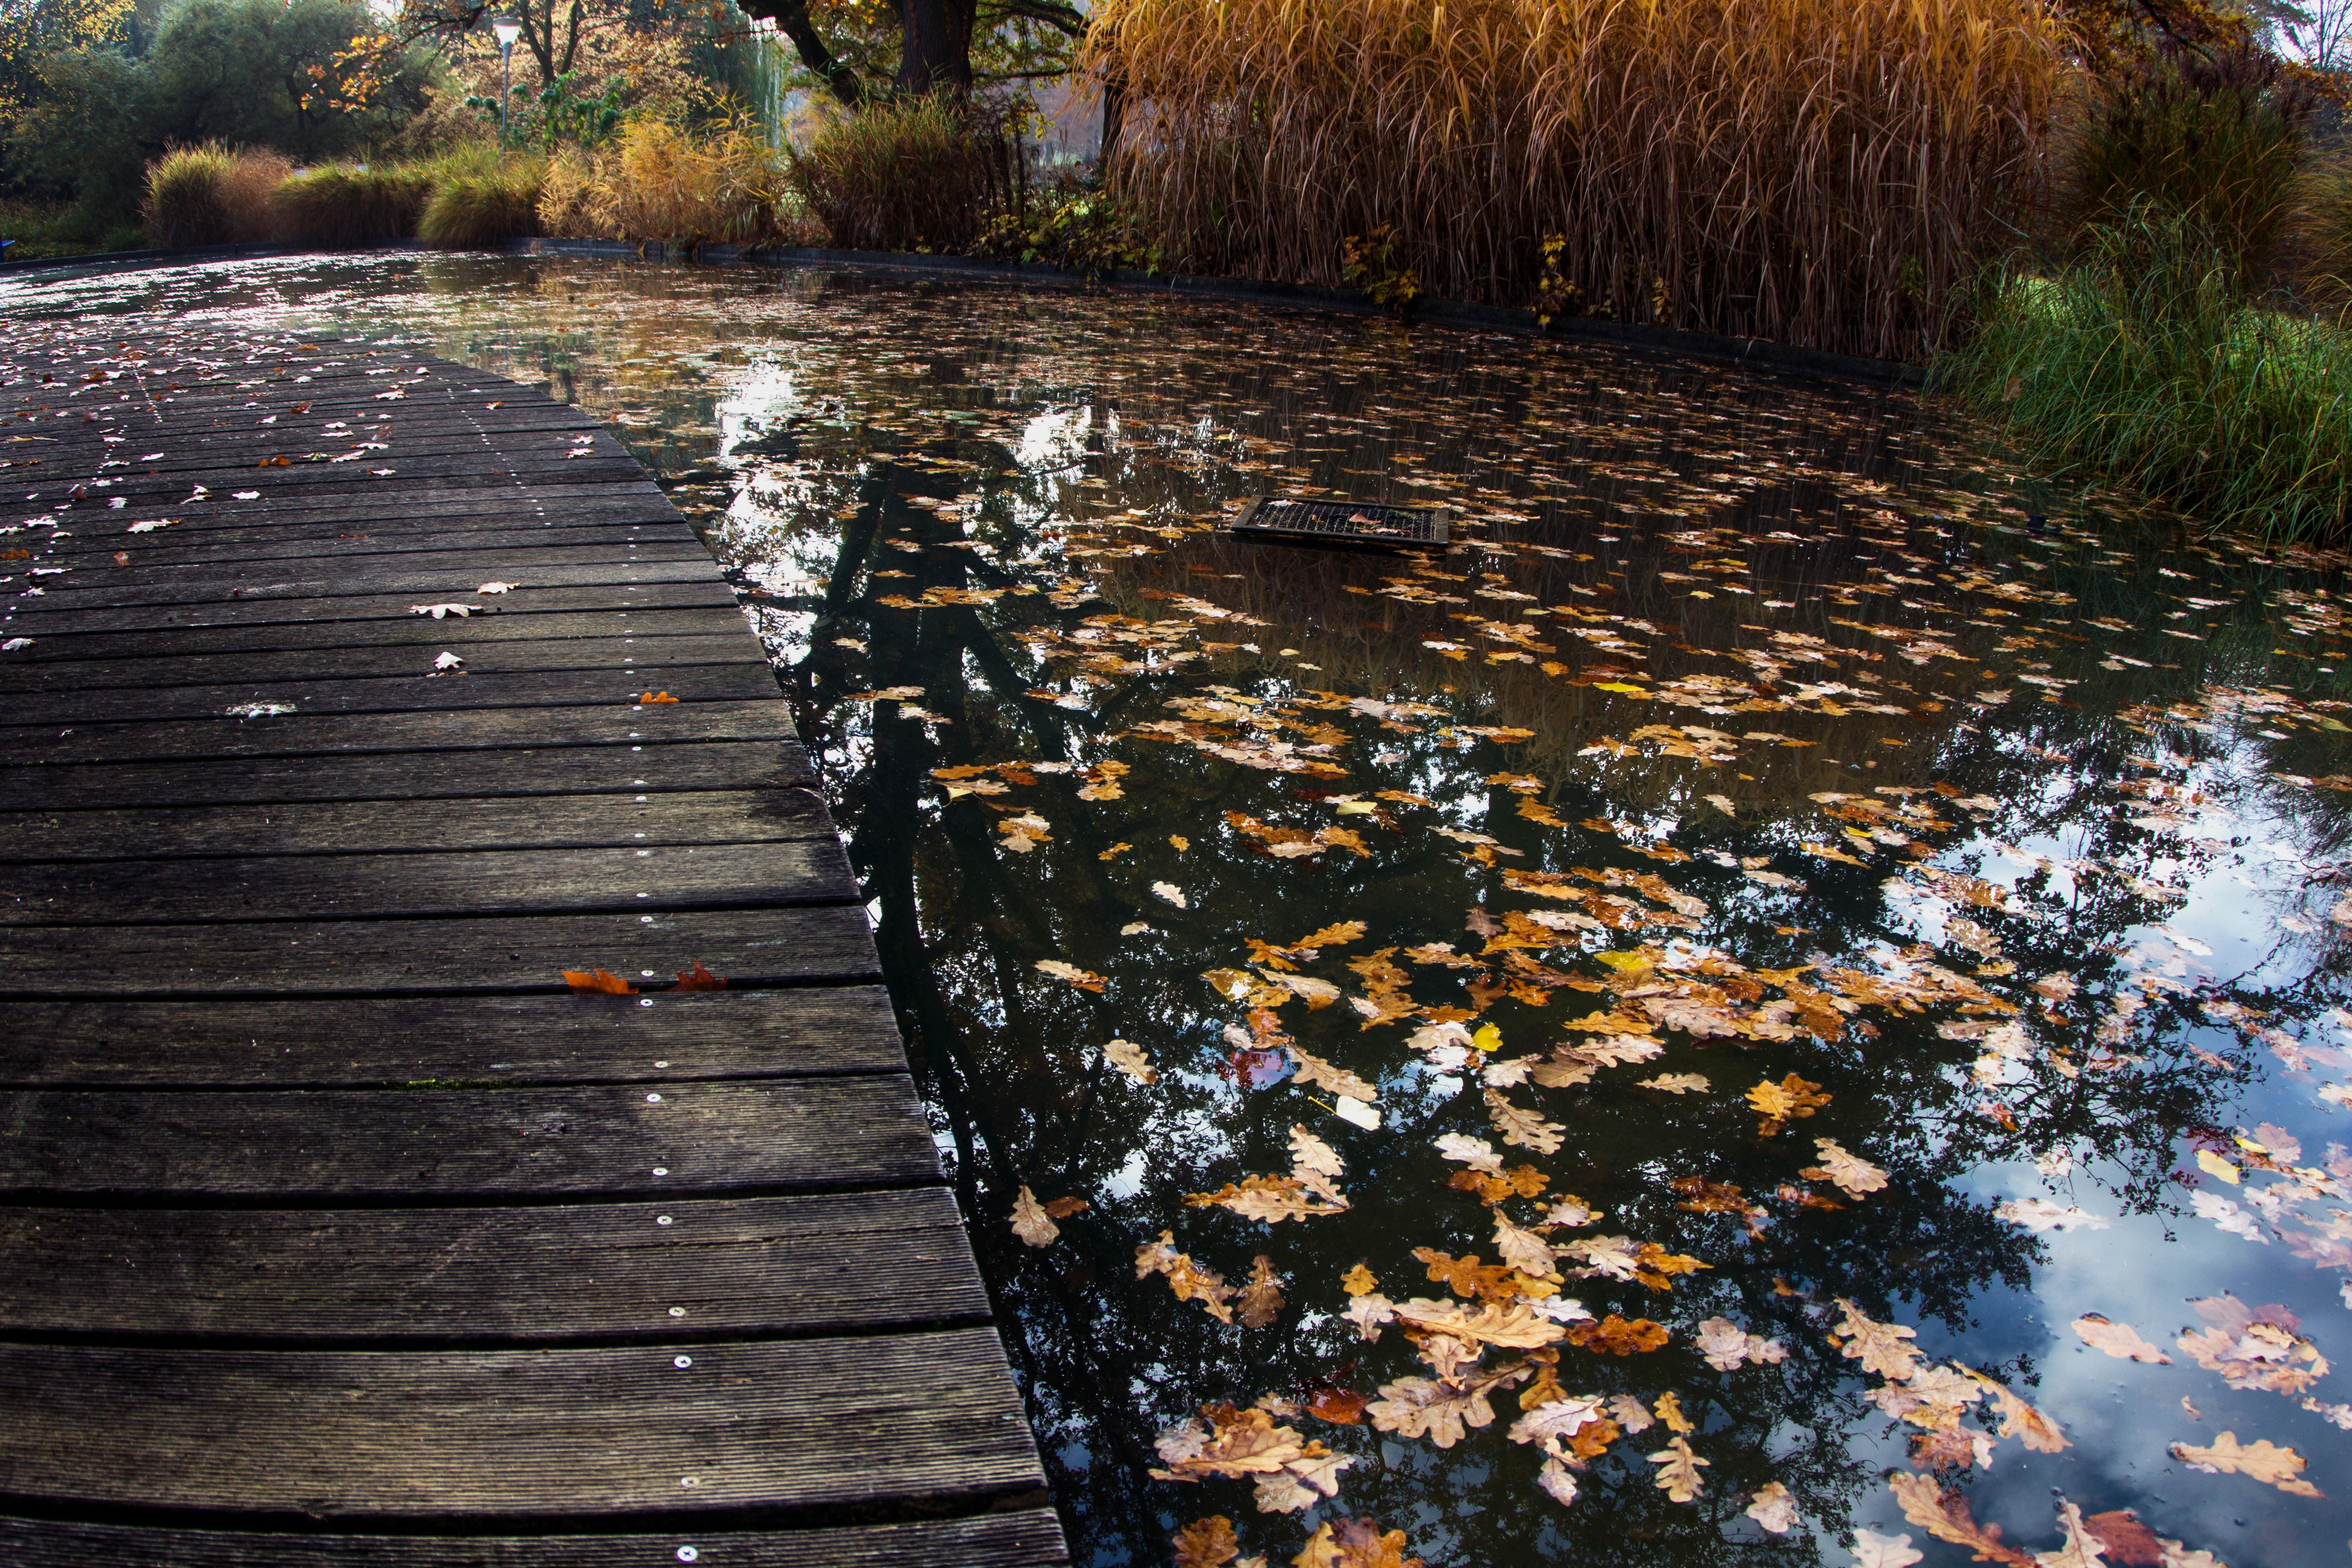 тех пор картинка пруд и листья велосипеды дорабатывались